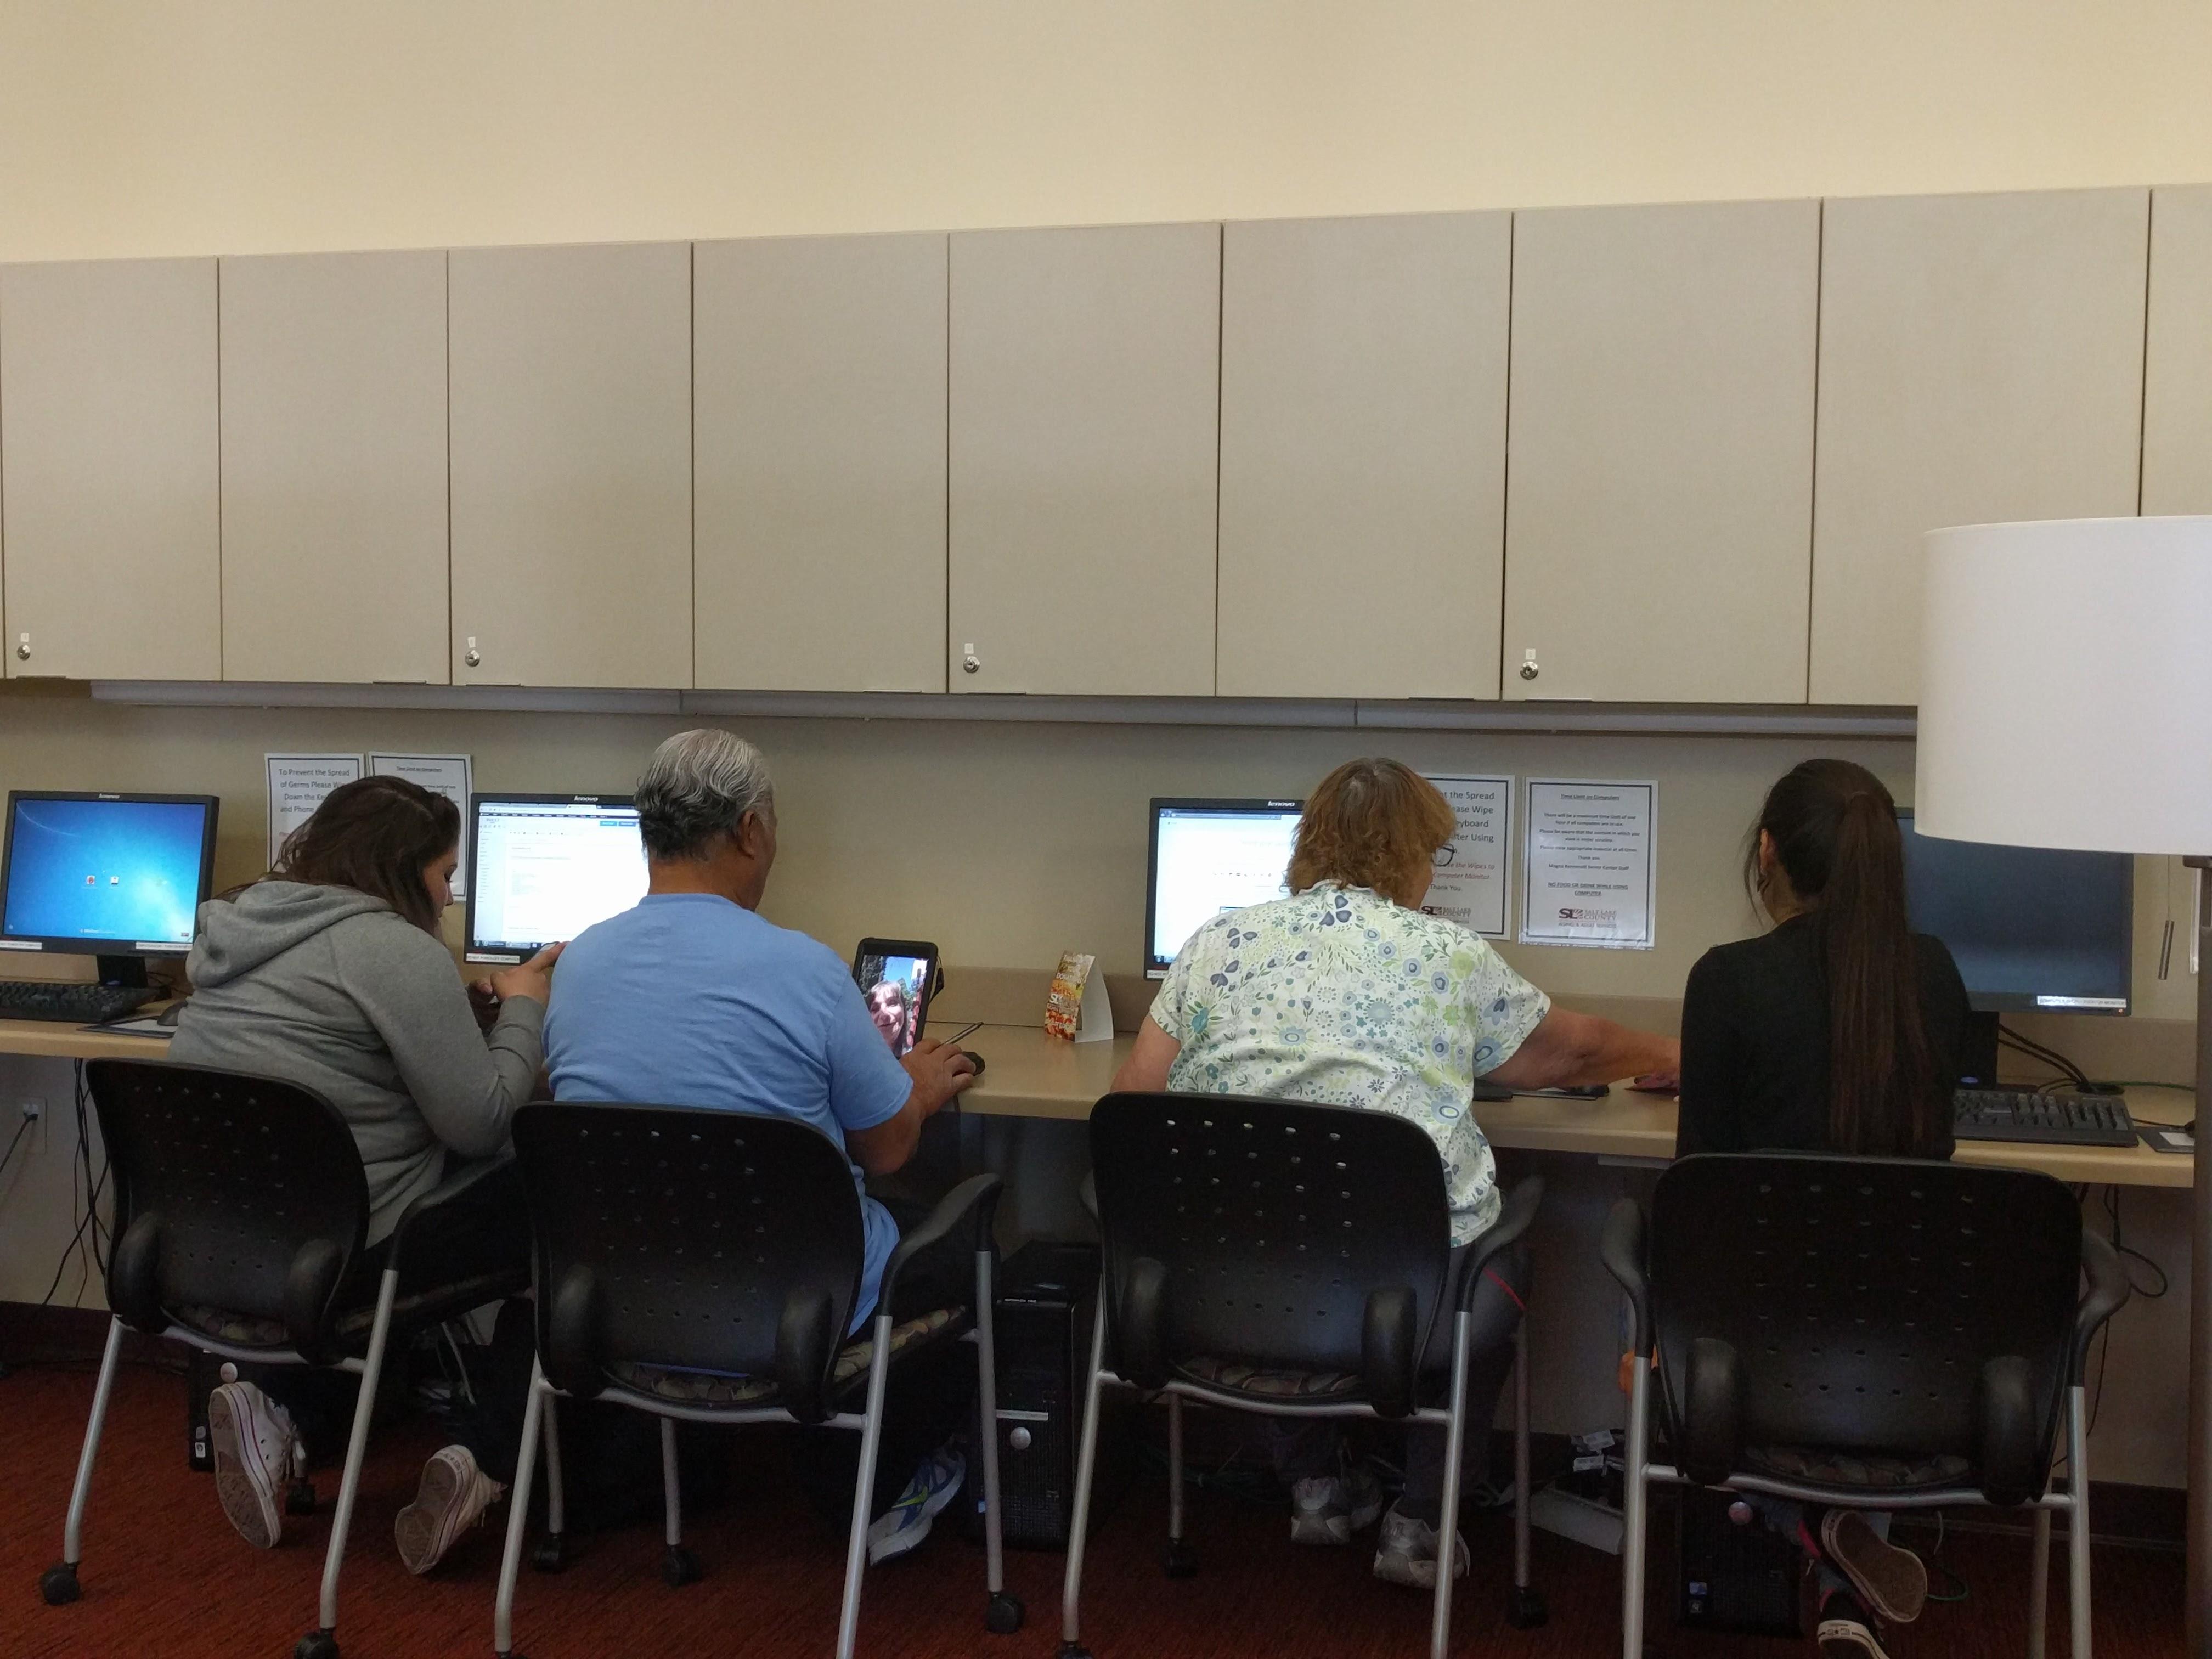 Seniors at Computer